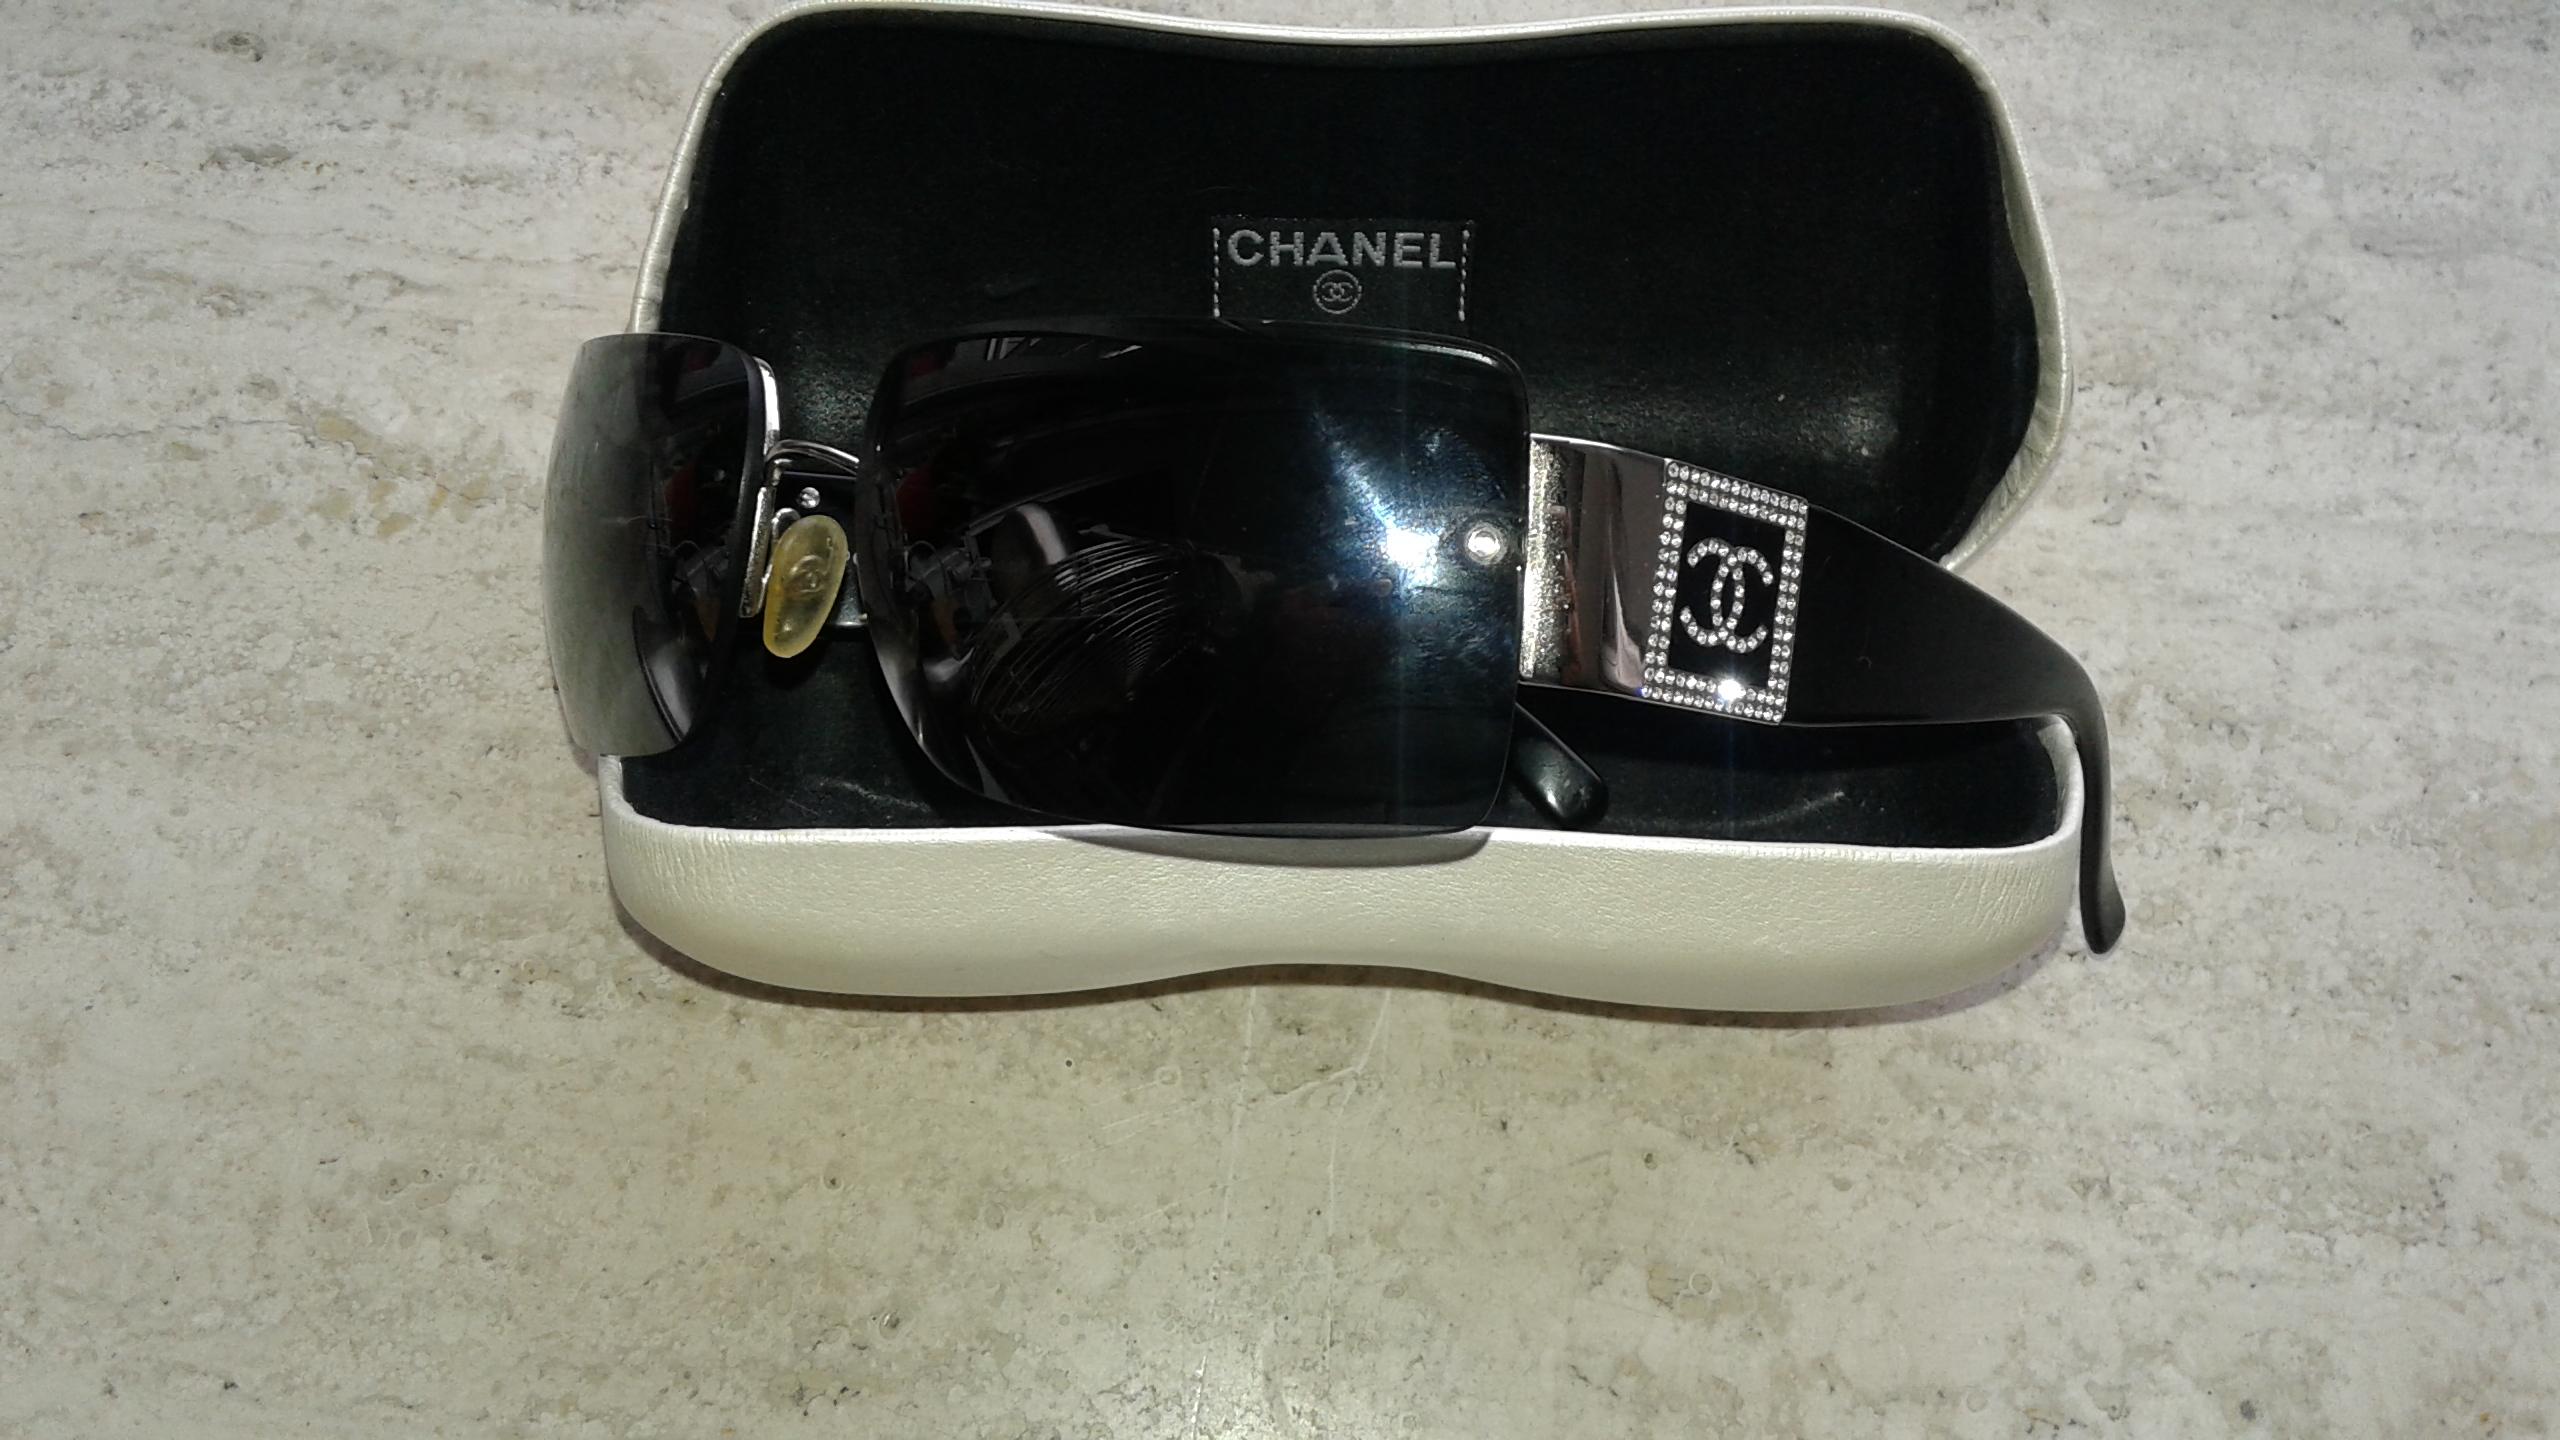 Coco Chanel sunglasses